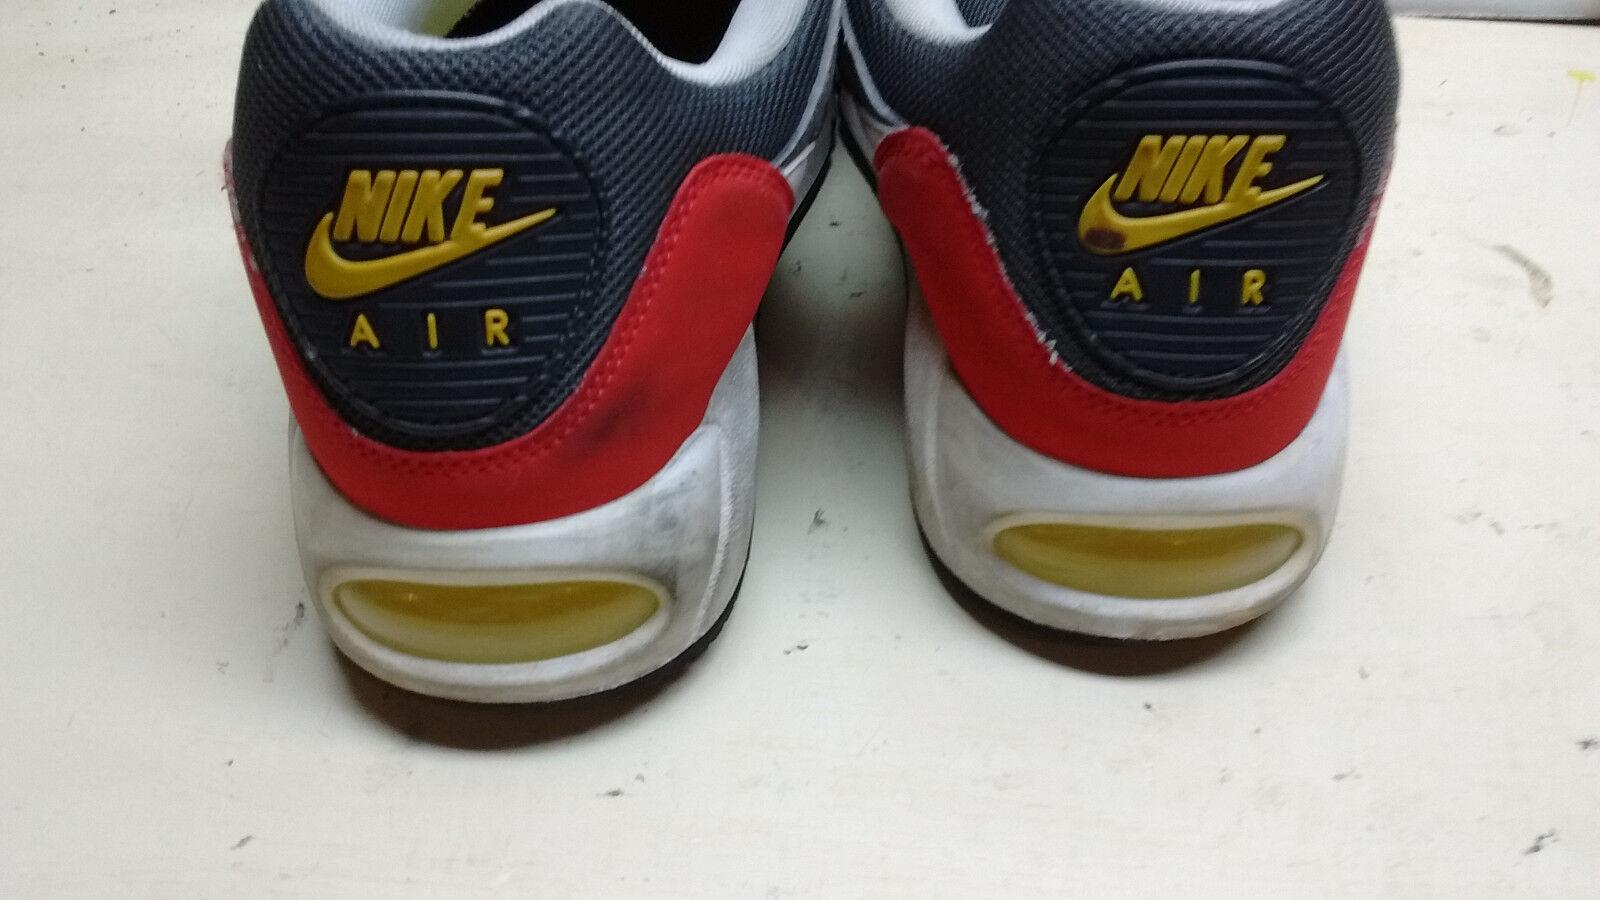 Nike air max 2012 uomini red gray escursionismo scarpe atletico correndo escursionismo gray sport scarpa 10 m 0a65cf